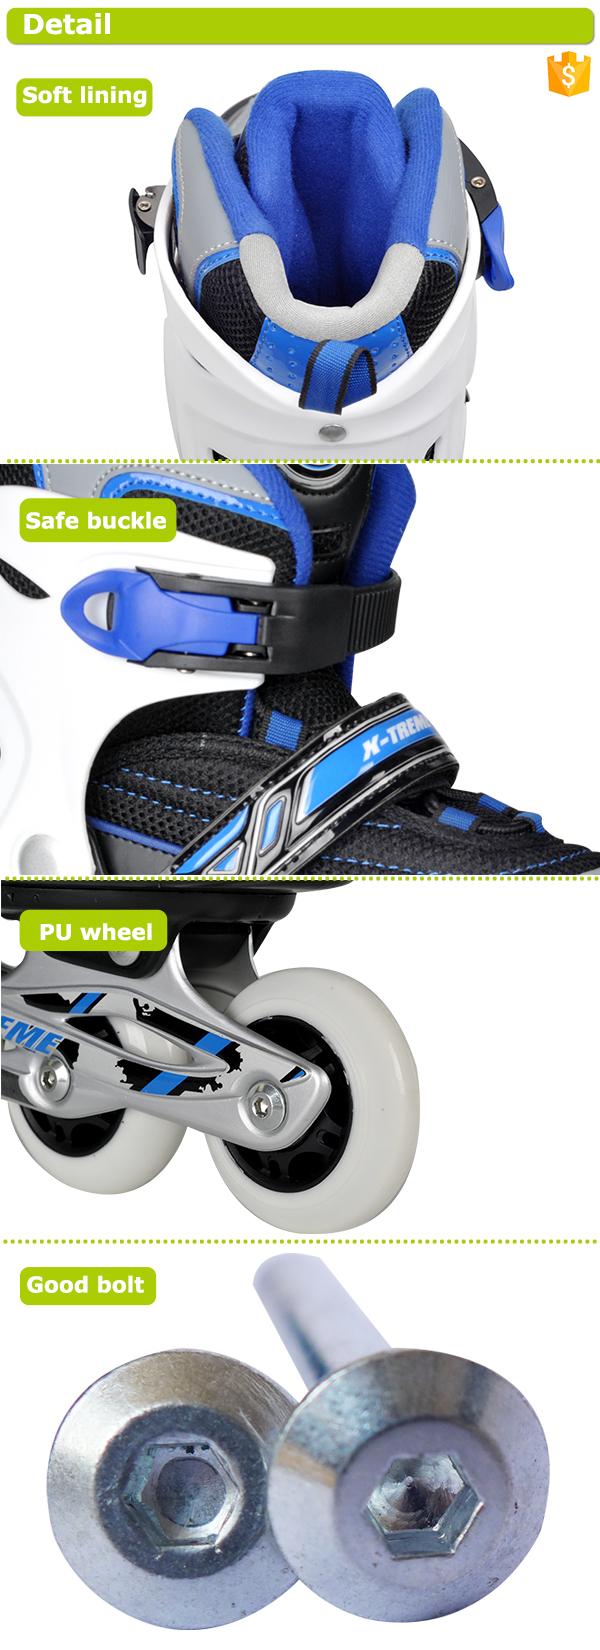 Fabricante atacado direto aluninum chassis roda do plutônio crianças patins em linha com 3 cores